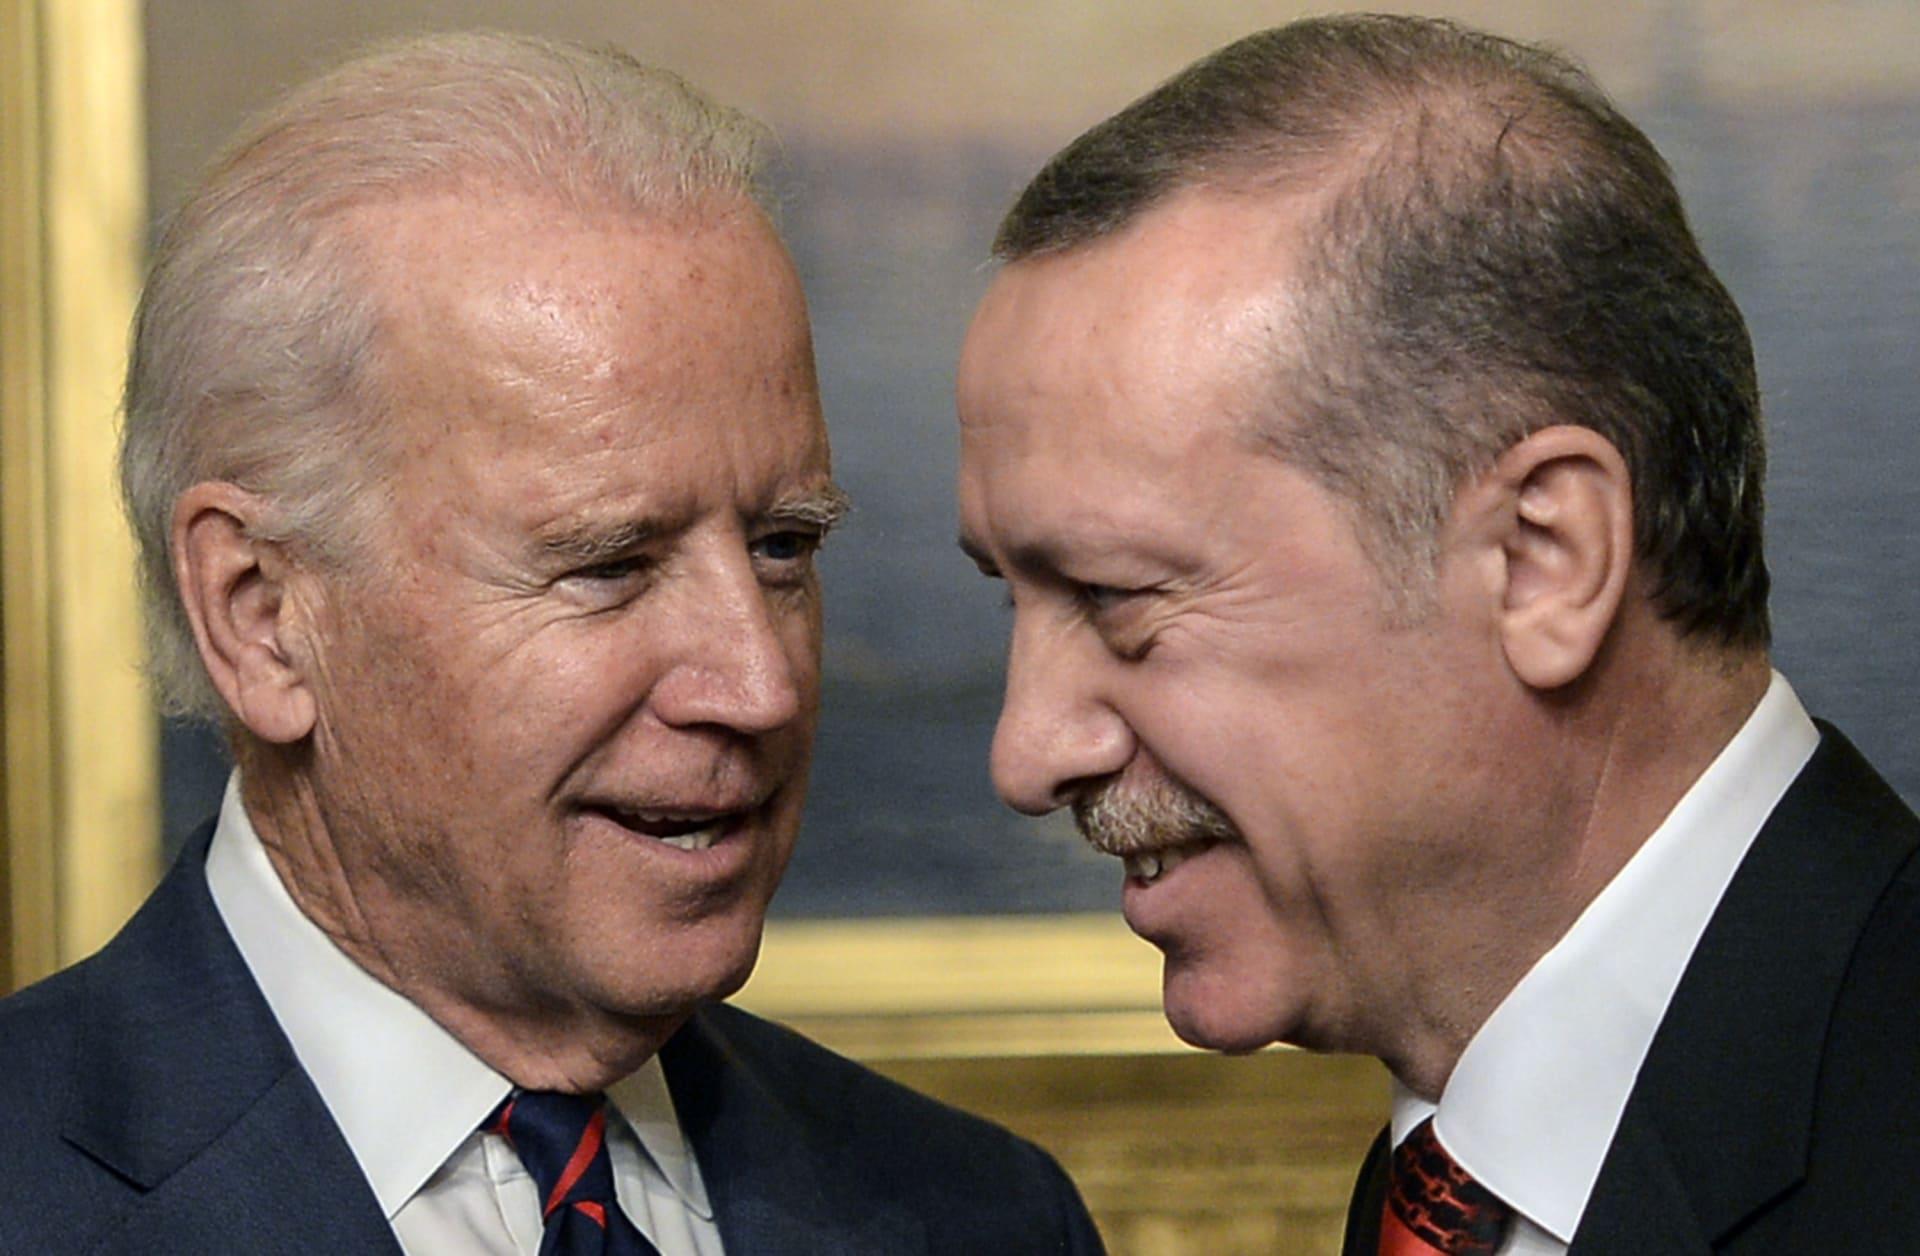 وسط تقارير عن عزم أمريكا الاعتراف بإبادة الأرمن.. بايدن يجري اتصالا مع أردوغان